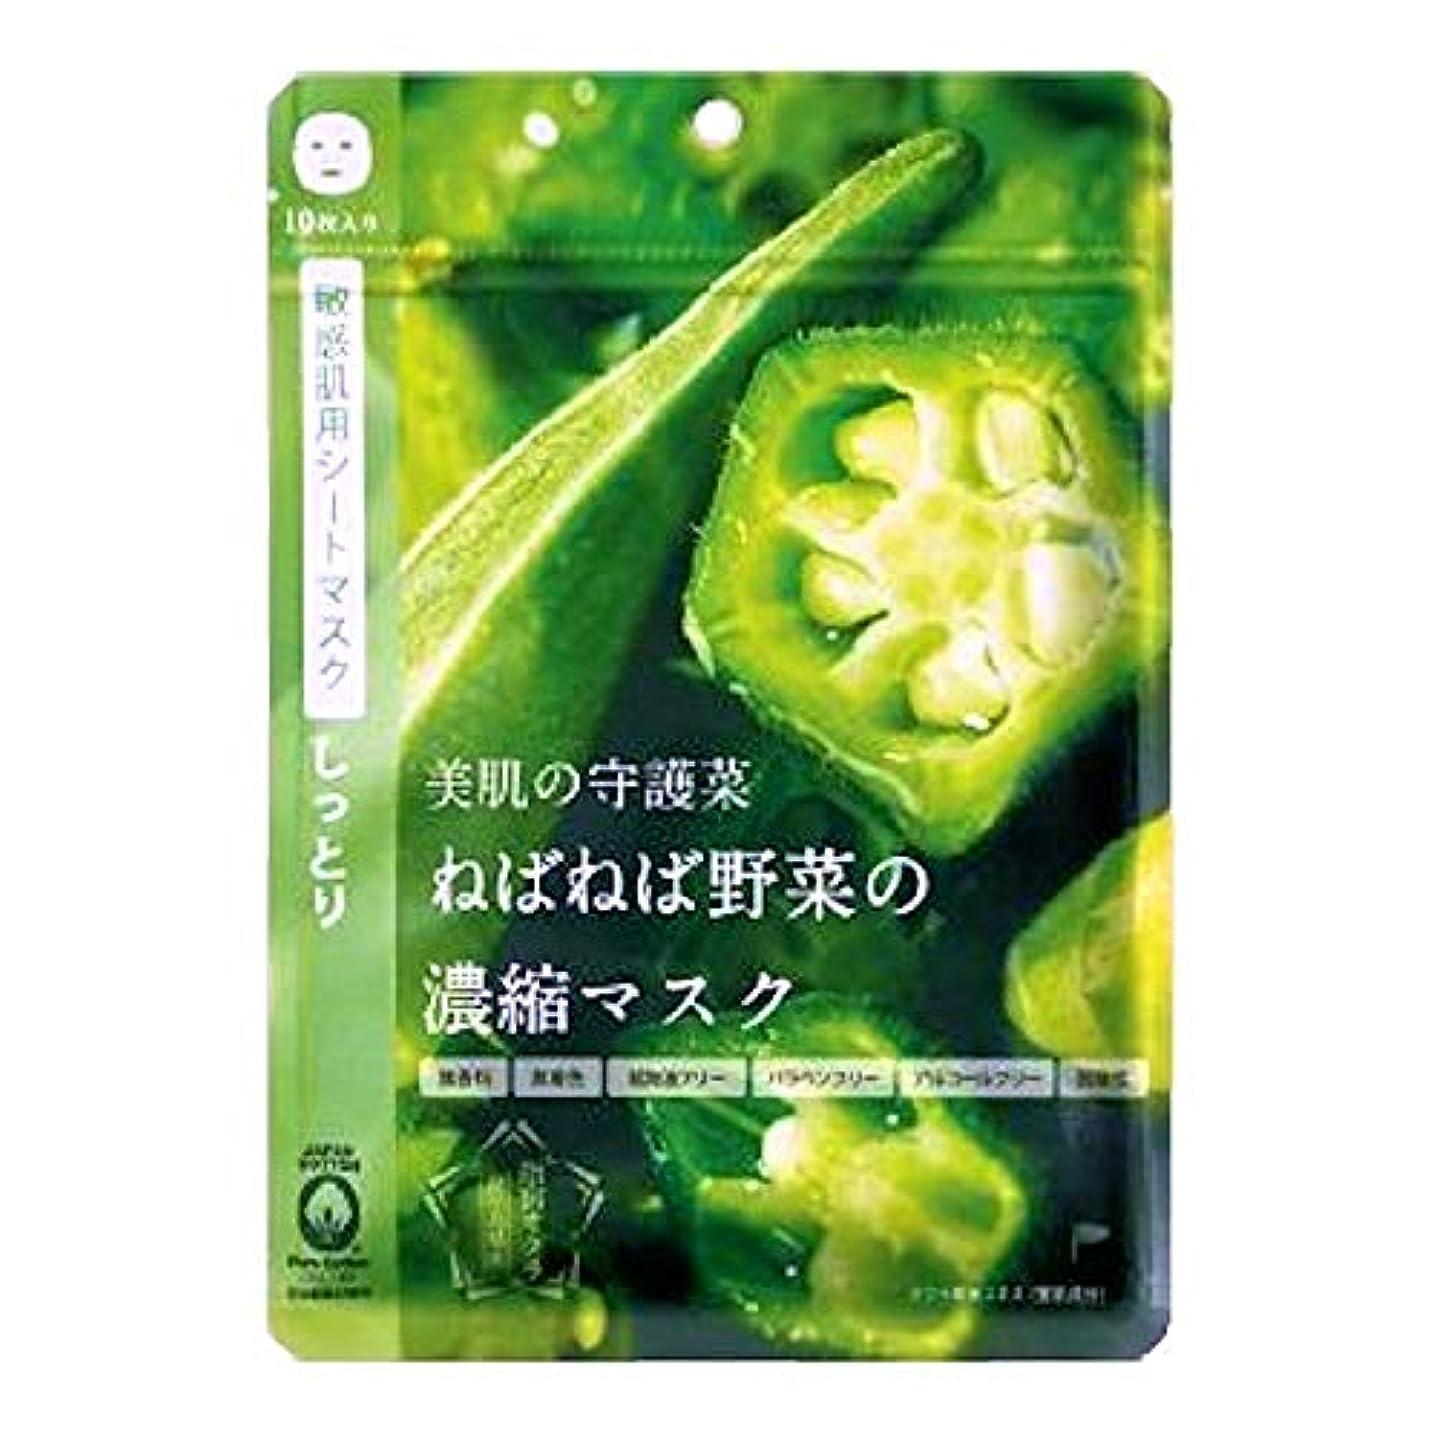 宇宙船ファーム上級@cosme nippon 美肌の守護菜 ねばねば野菜の濃縮マスク 指宿オクラ 10枚入り 160ml